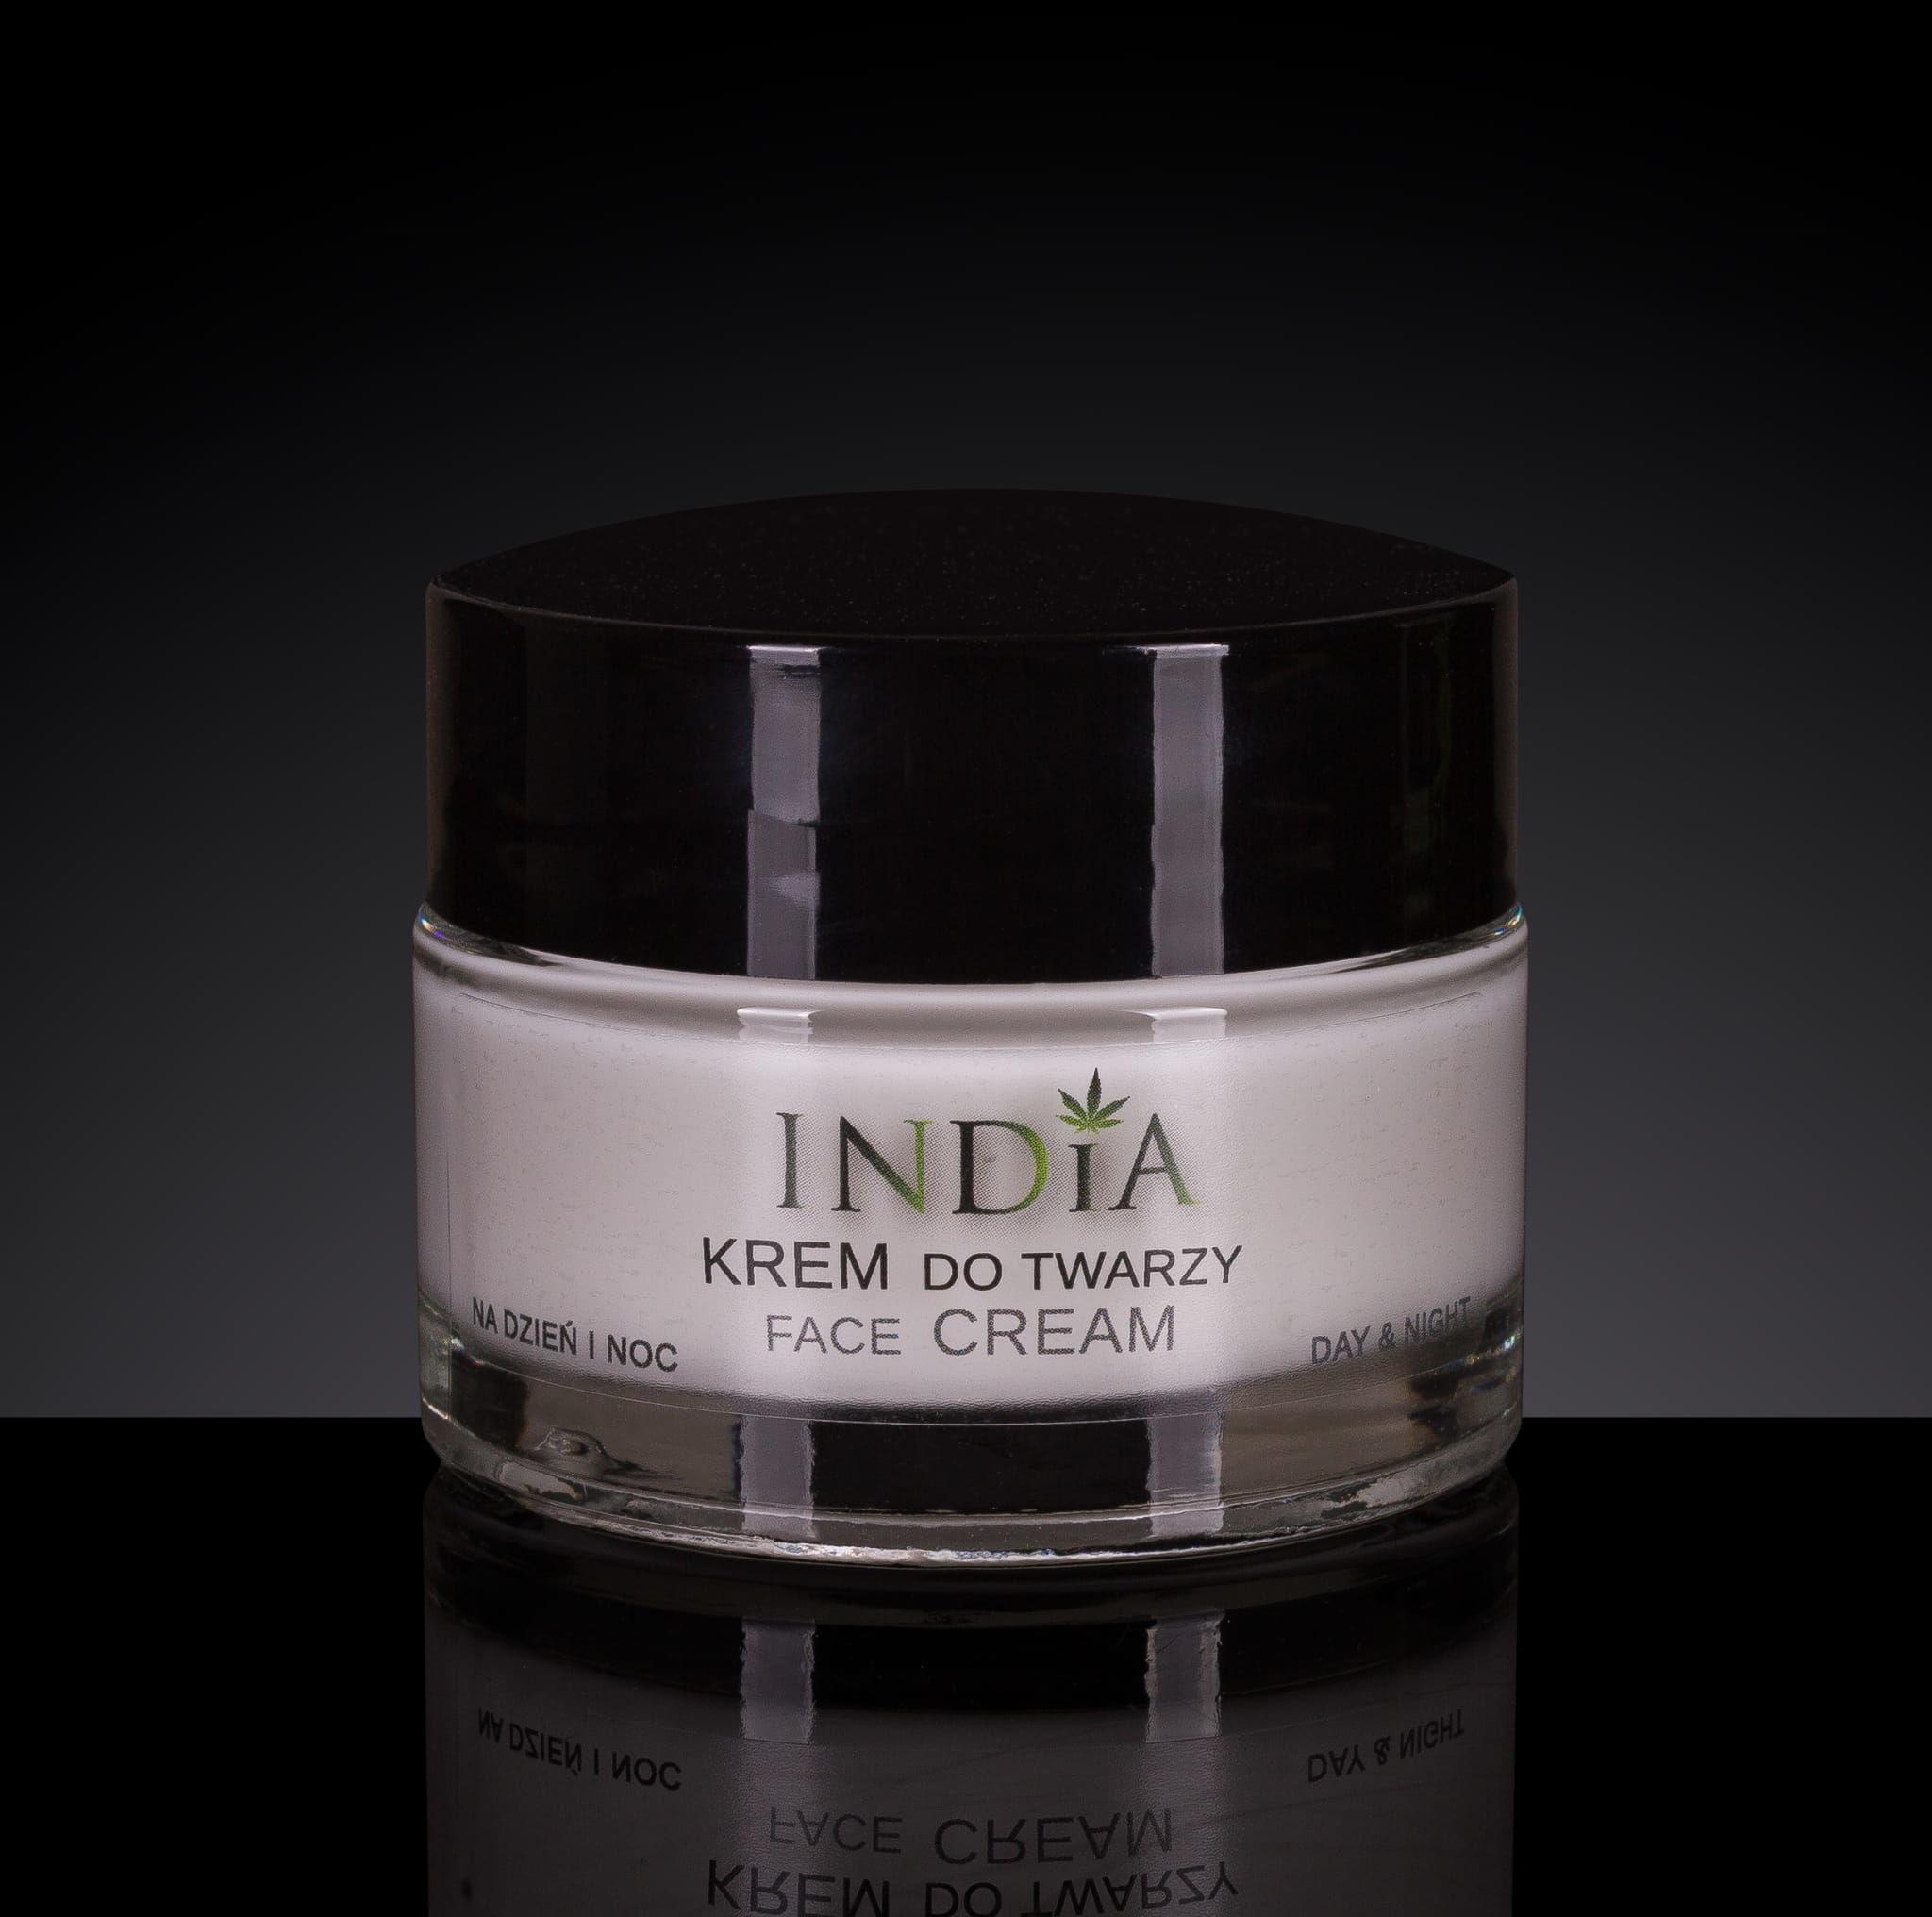 Krem do twarzy z olejem konopnym INDIA 50ml